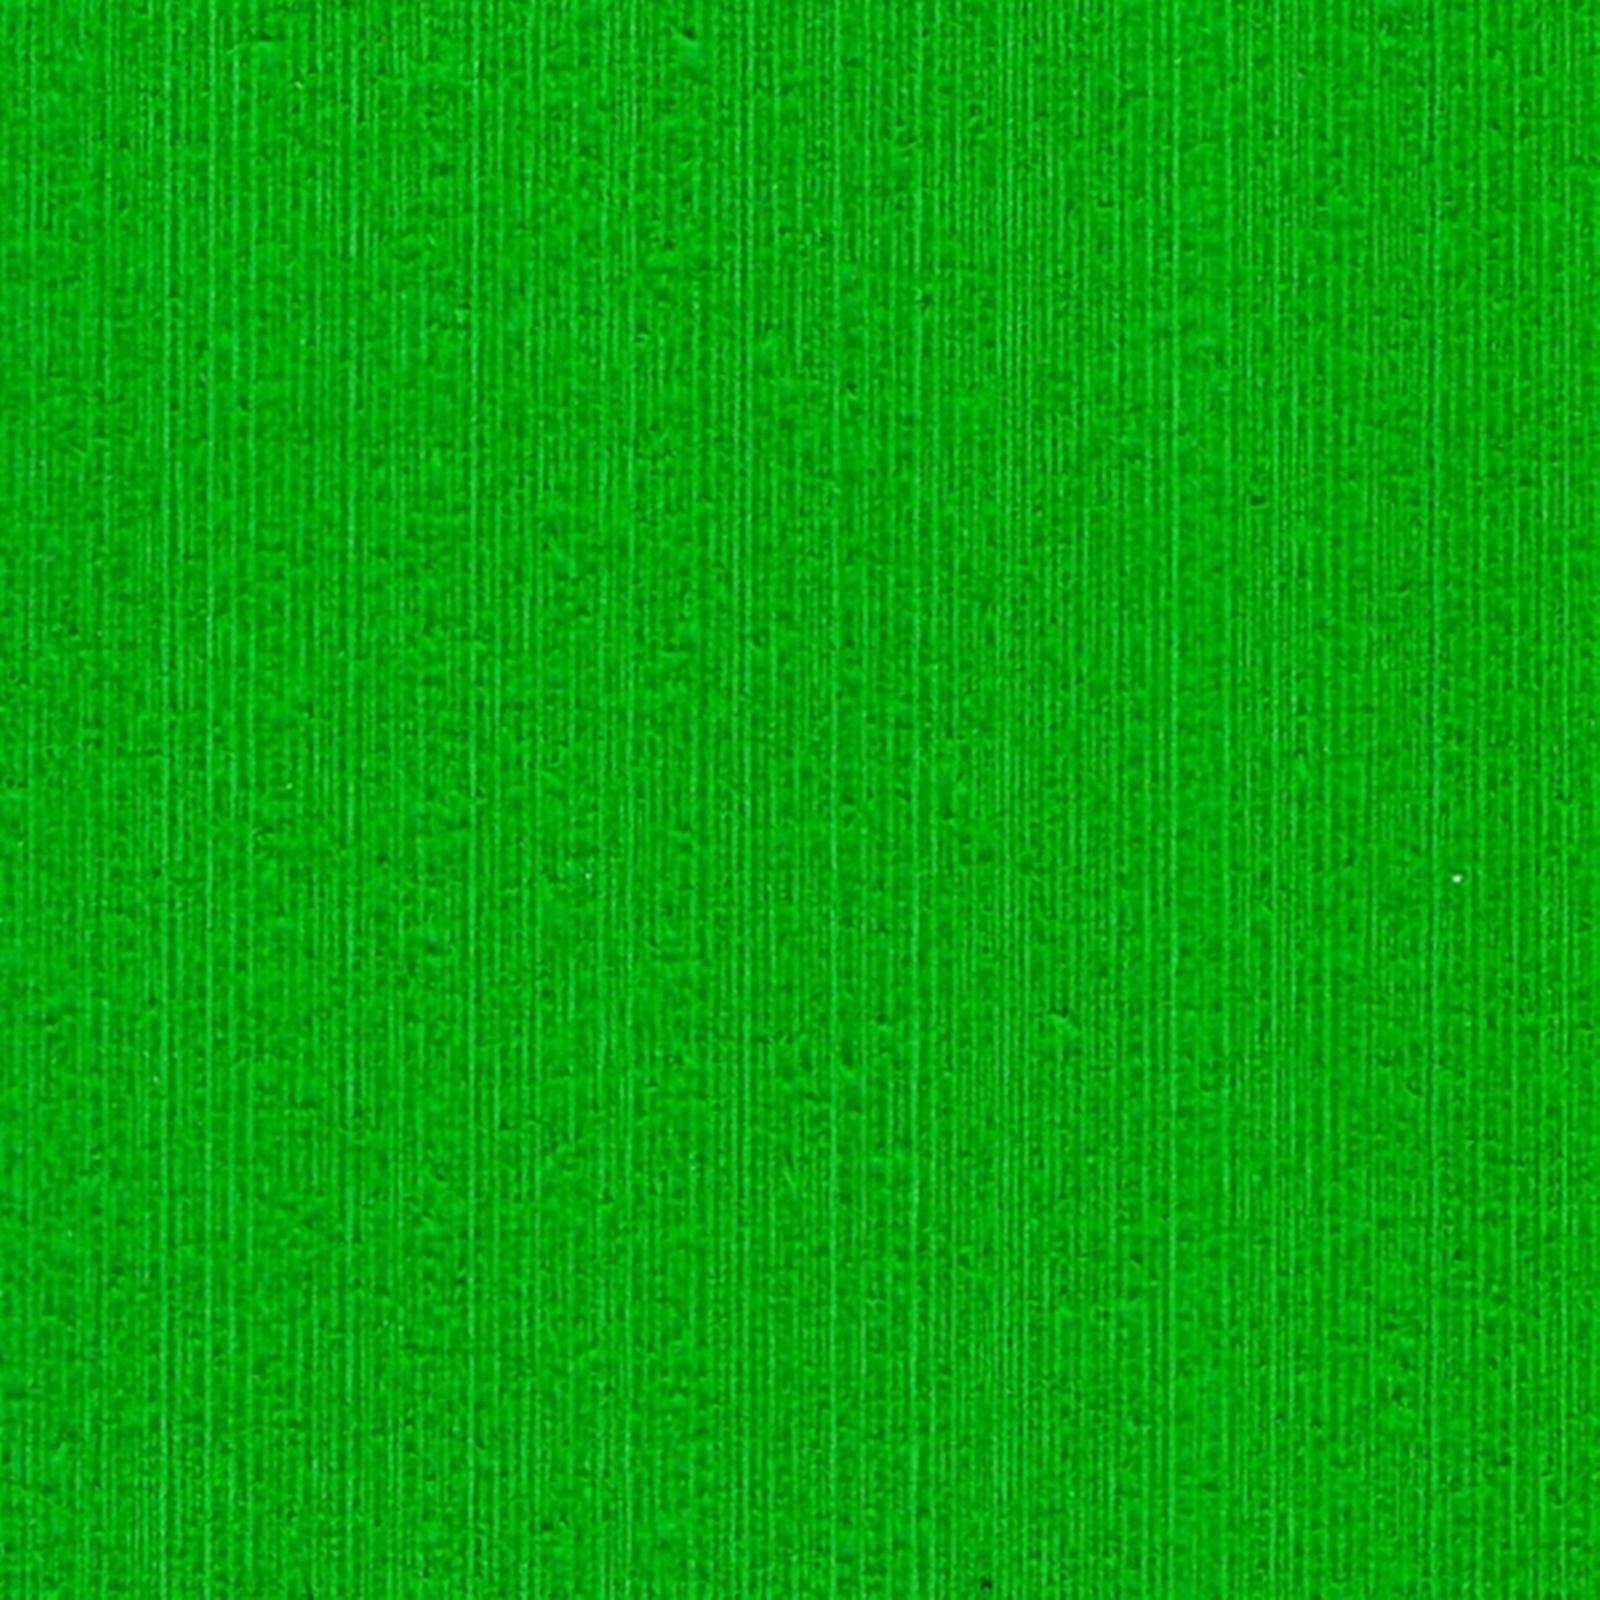 frotir verde